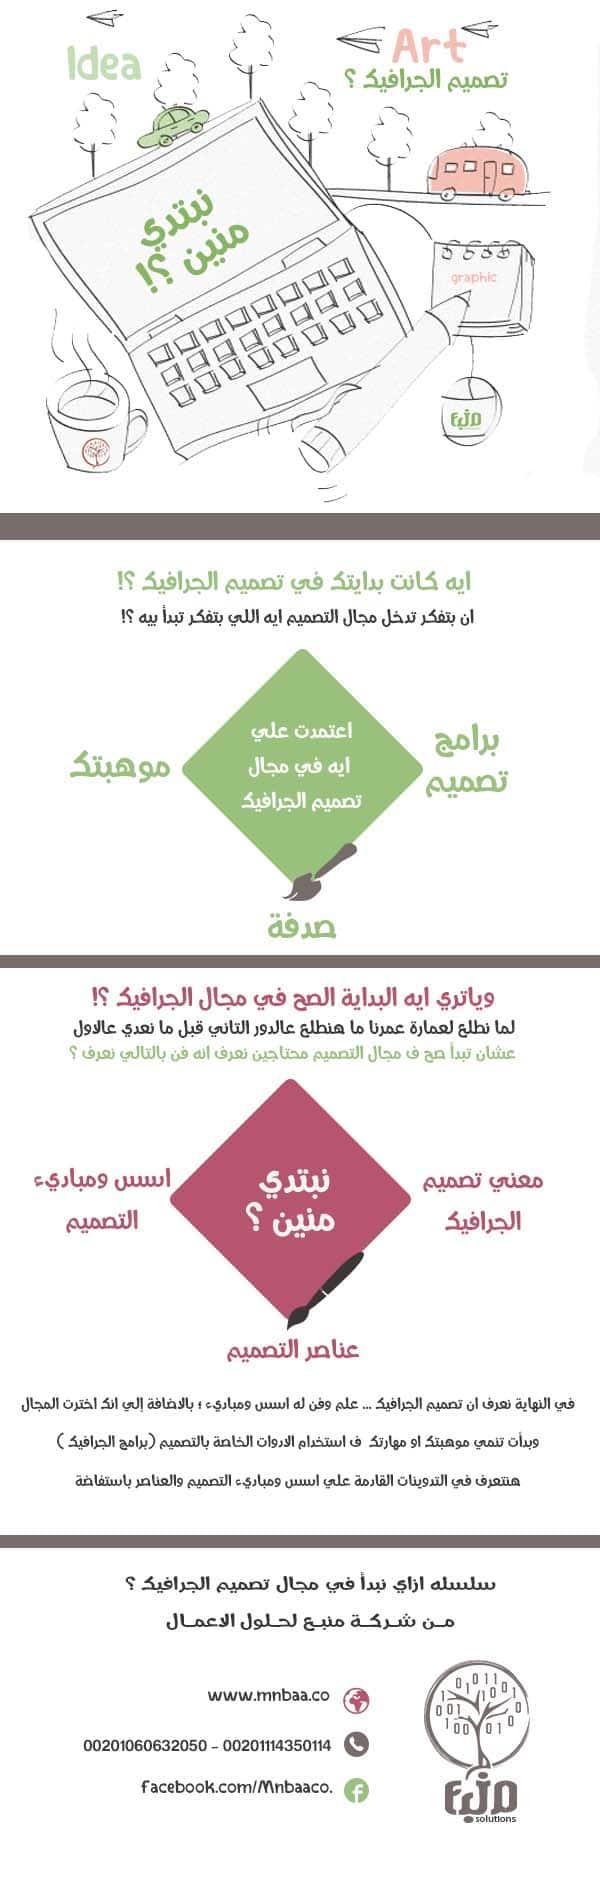 انفوجرافيك عن تصميم المواقع